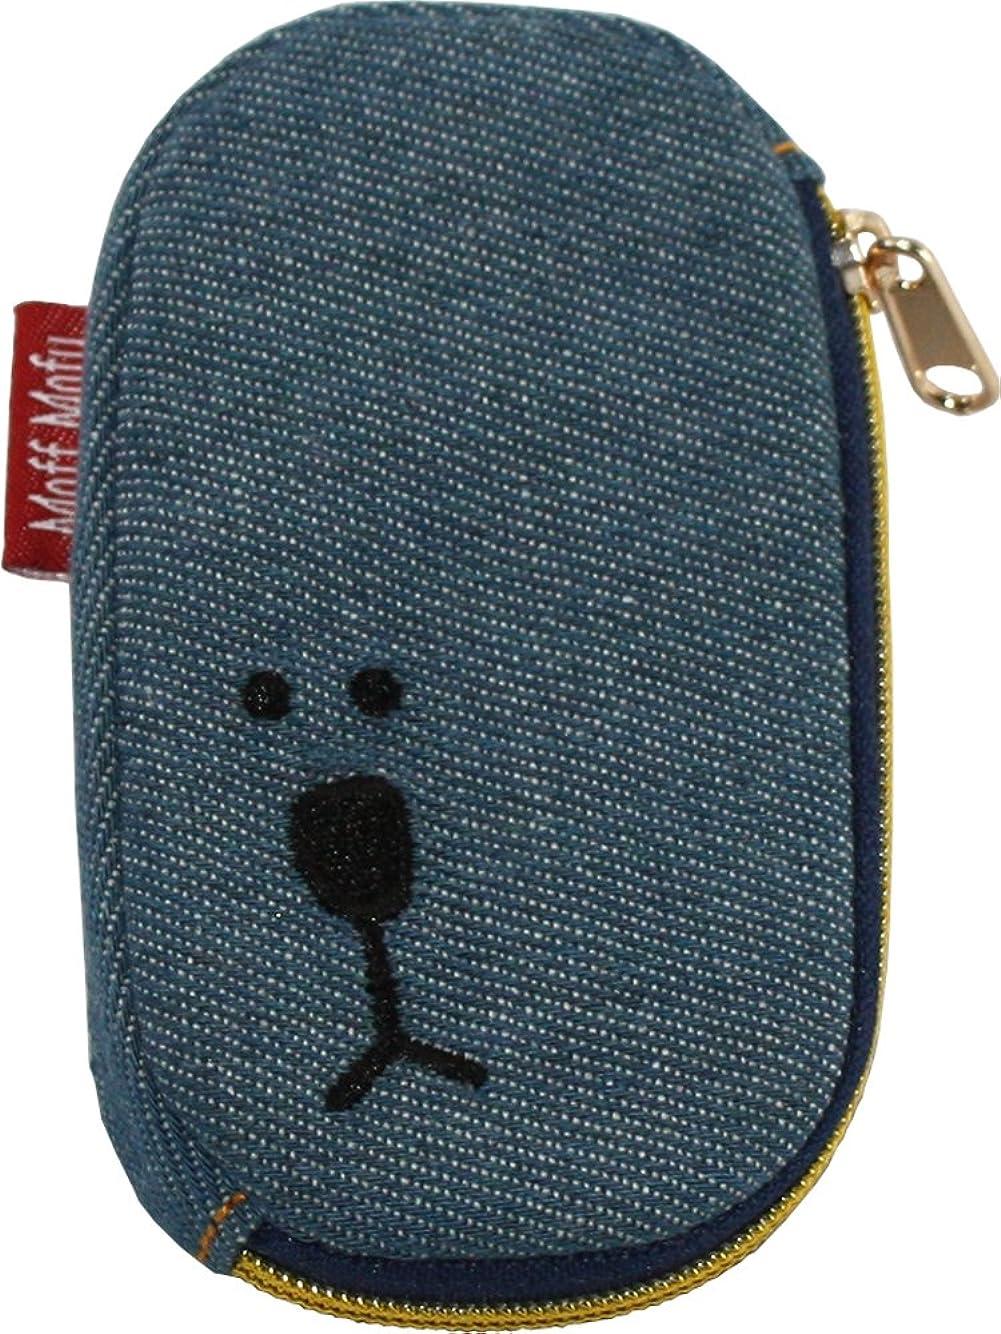 同情人類抱擁モフモフ デニム スマートキーケース ブルー ILF-8911